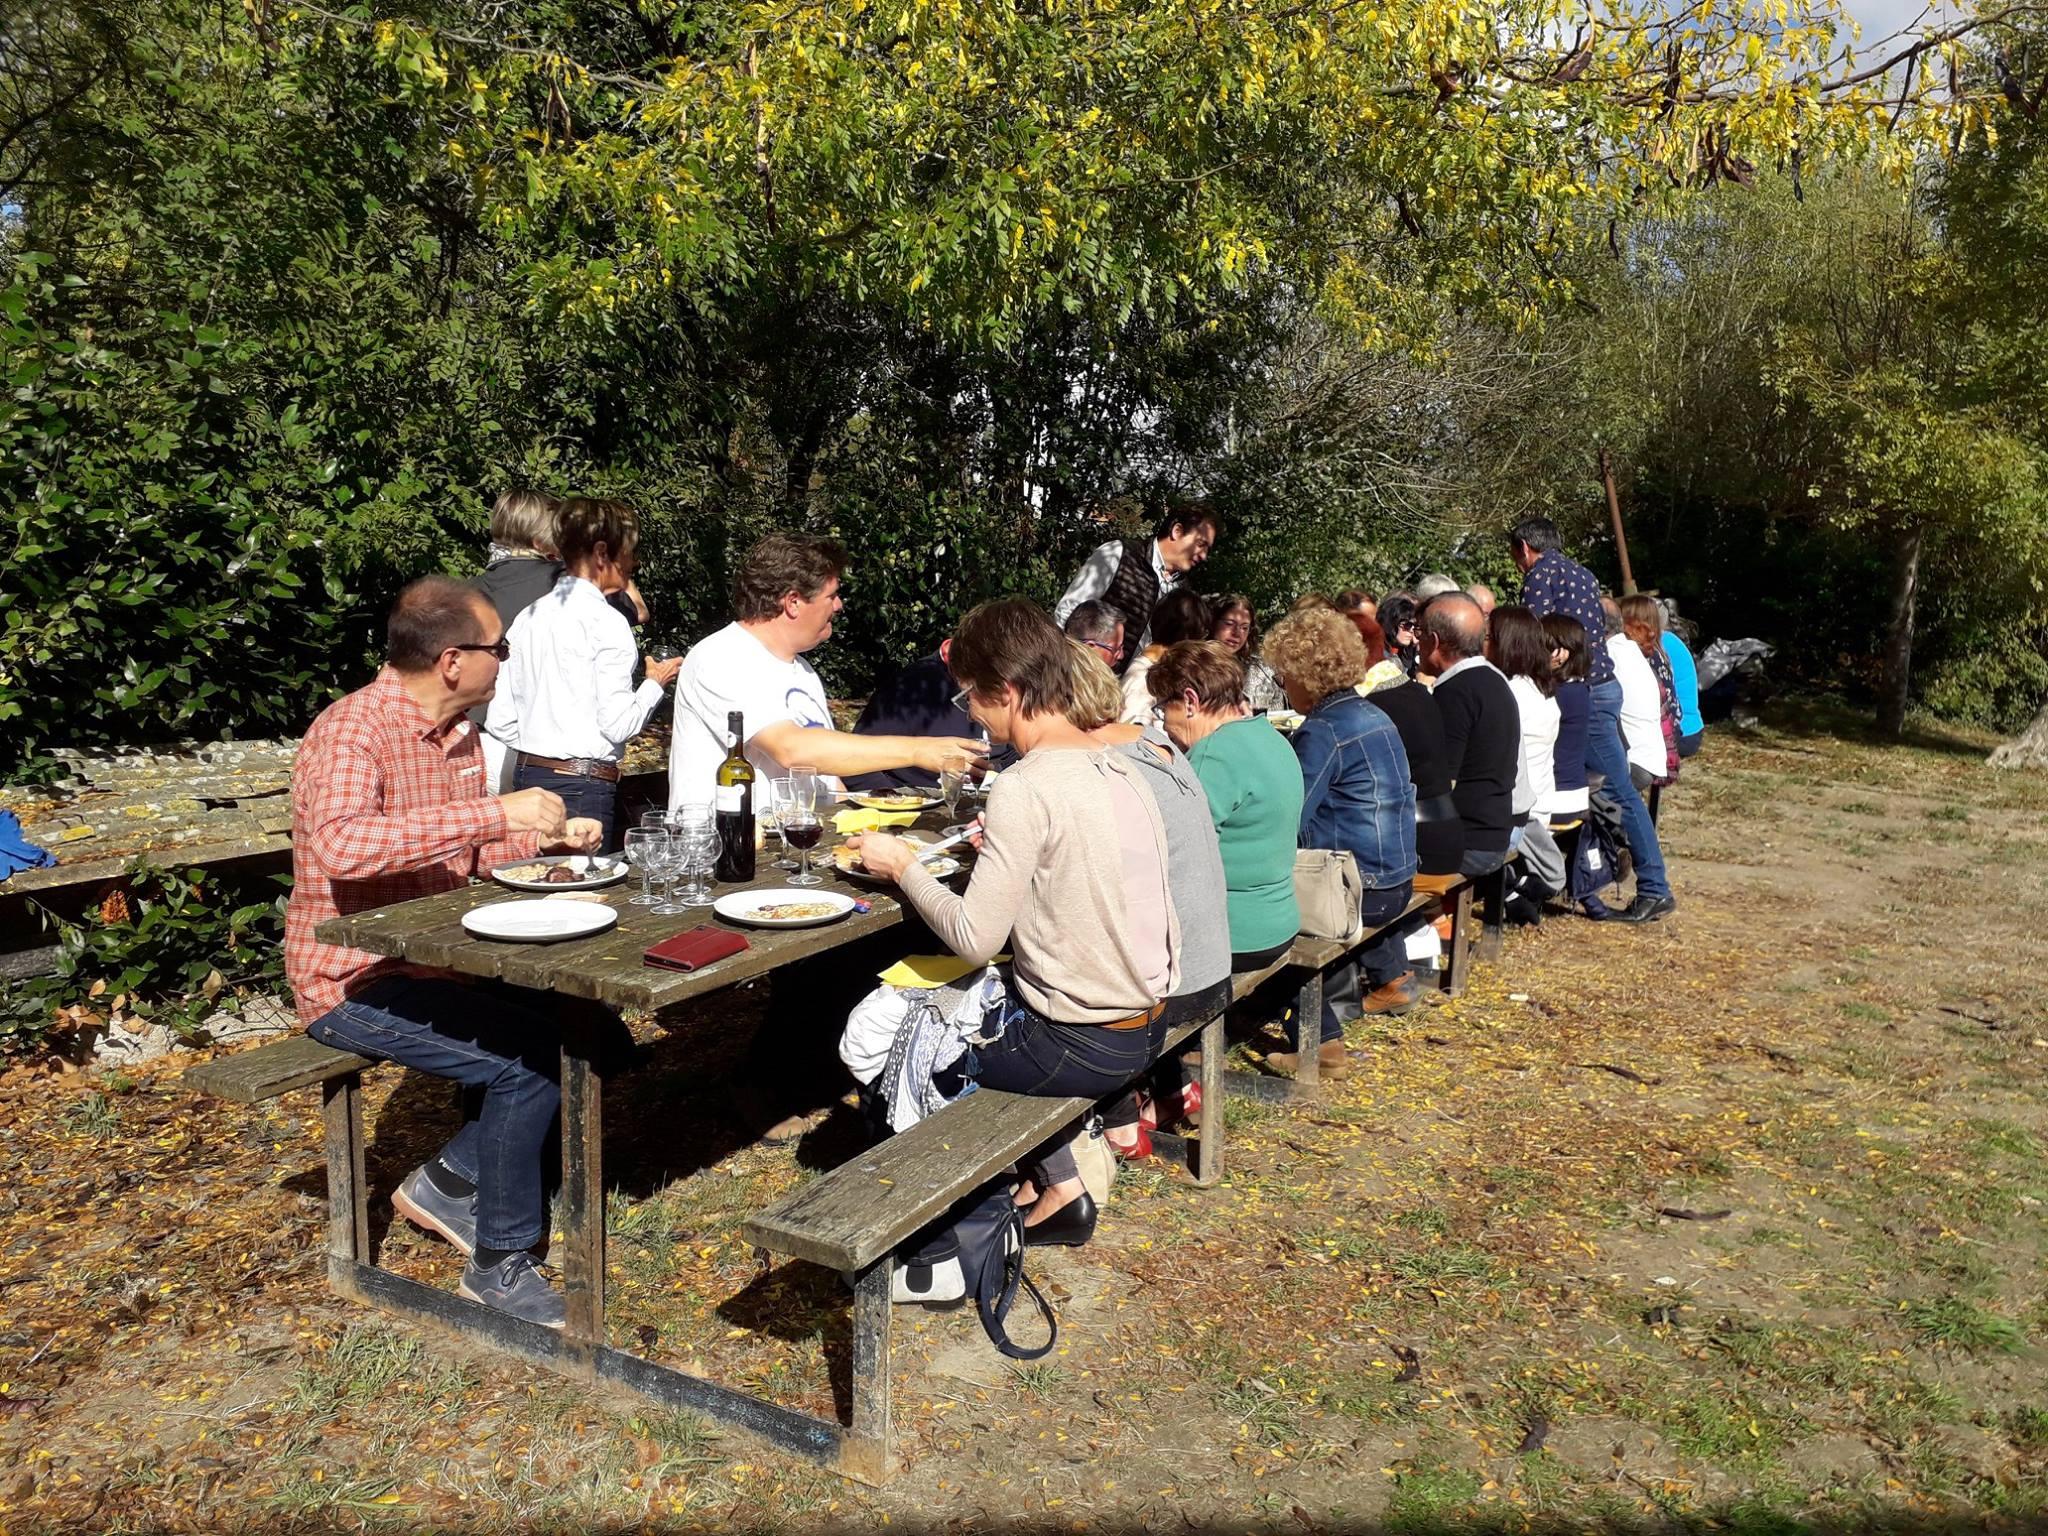 lekker buiten lunchen in Frankrijk